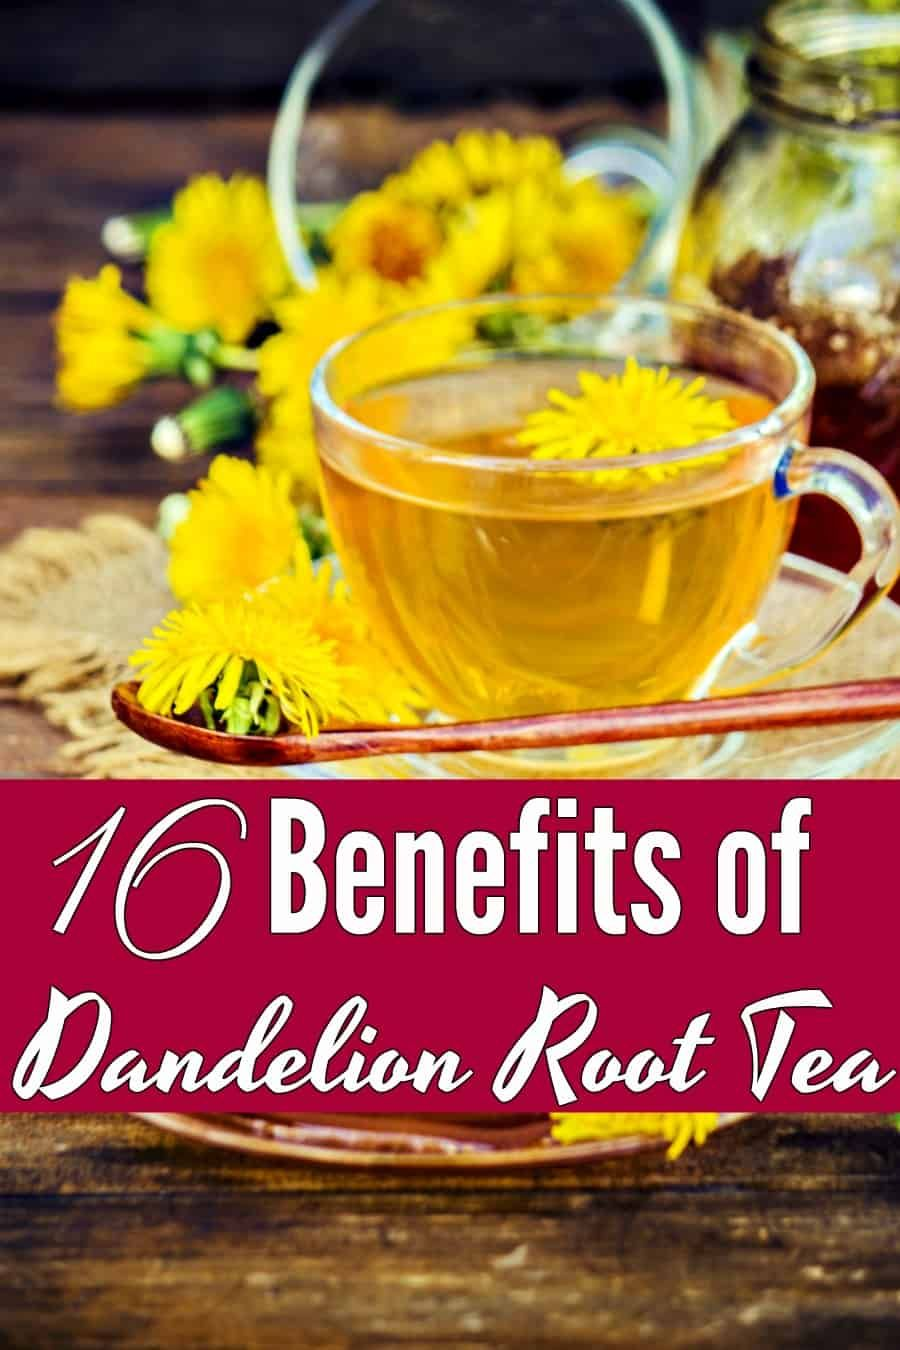 16 Benefits Of Dandelions And Dandelion Root Tea Coconut